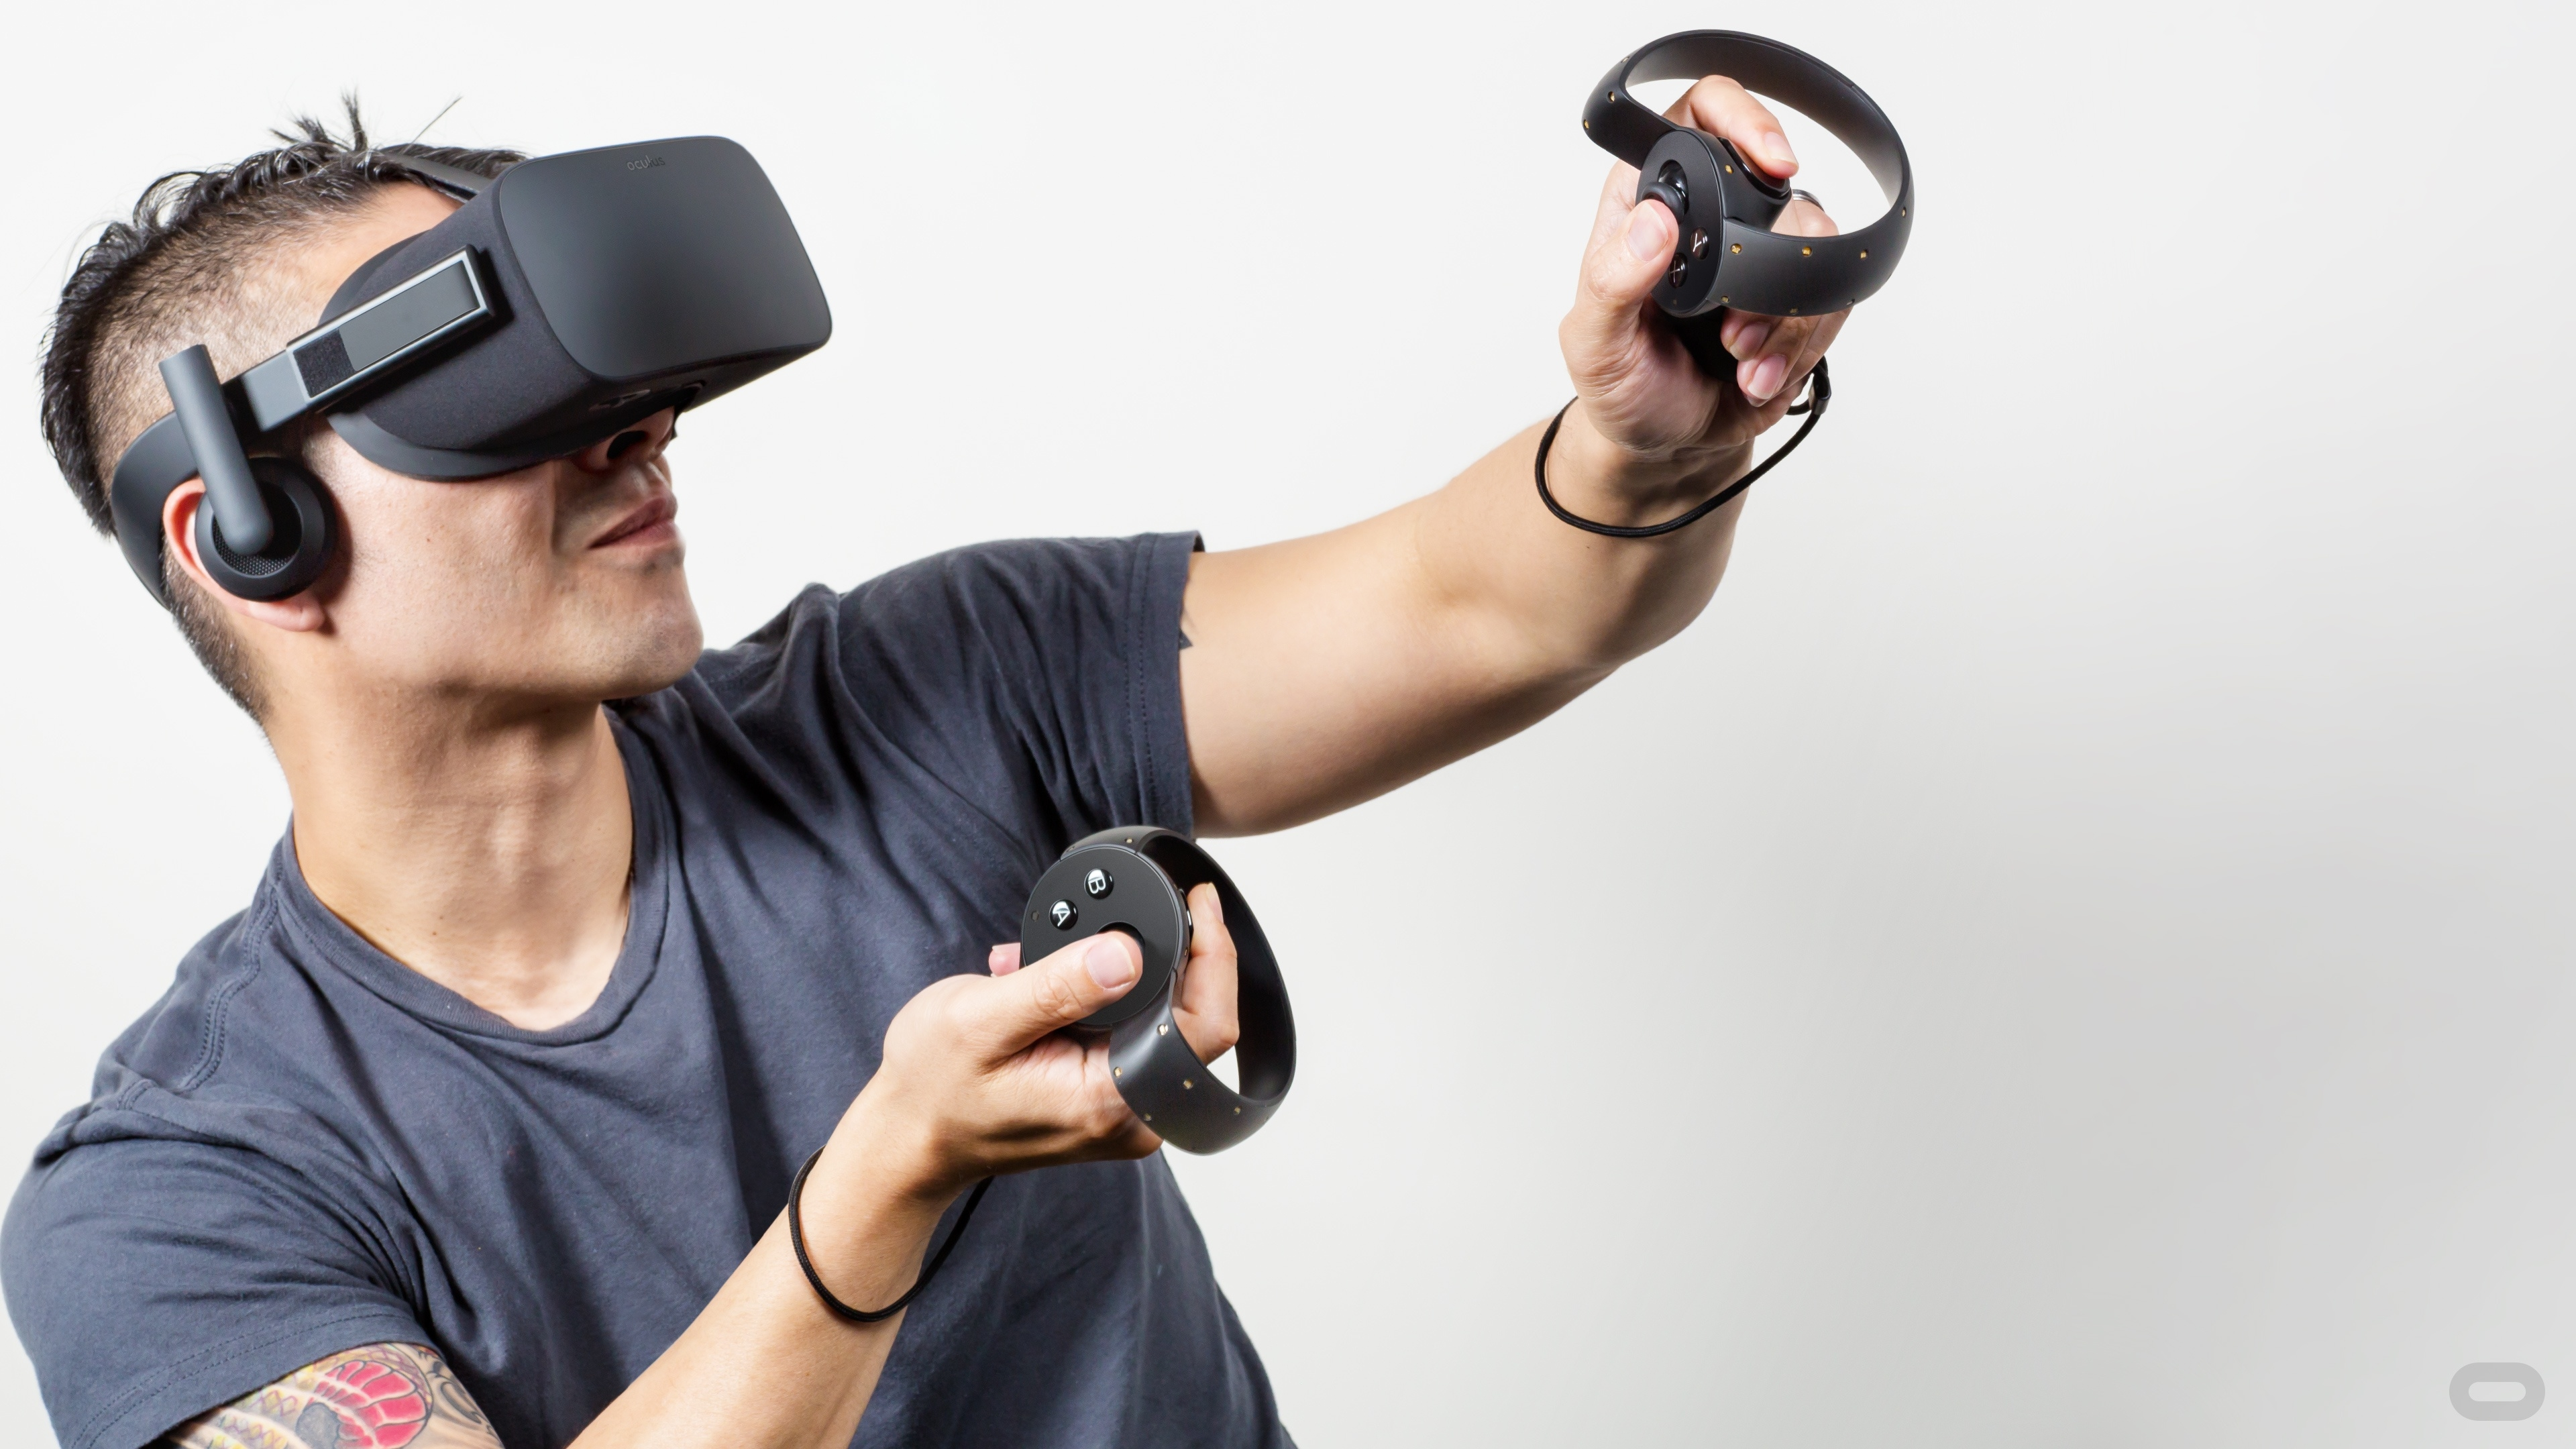 Pre úplný zážitok sú potrebné špeciálne ovládače. Tie zatiaľ nie sú v prípade Oculusu Rift dostupné